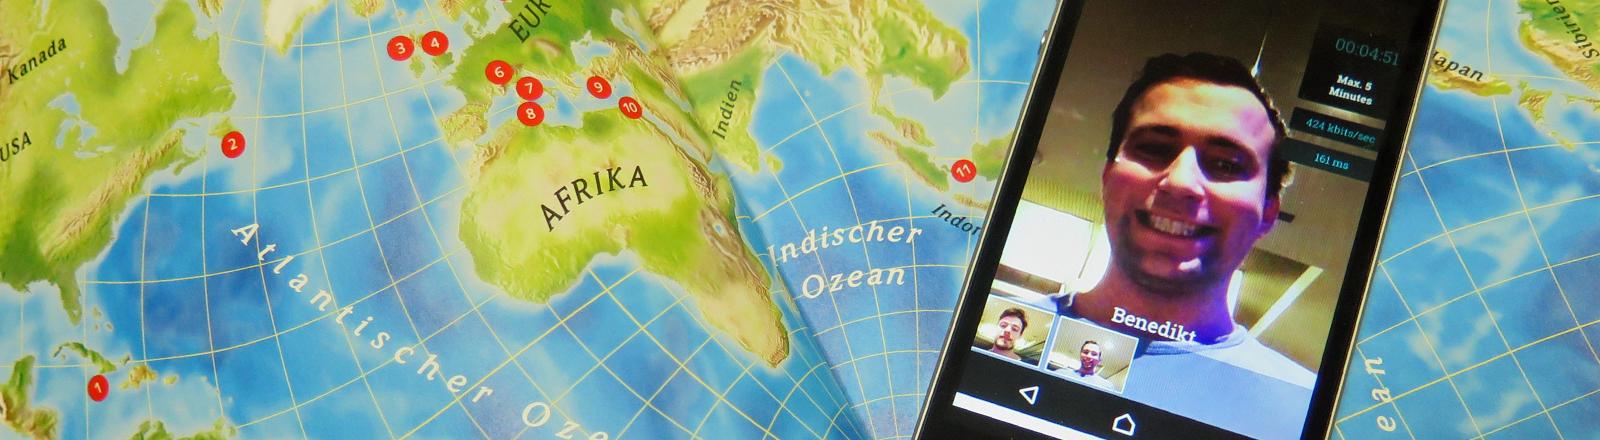 Ein Handy mit der App Oroboo liegt auf einer Landkarte.